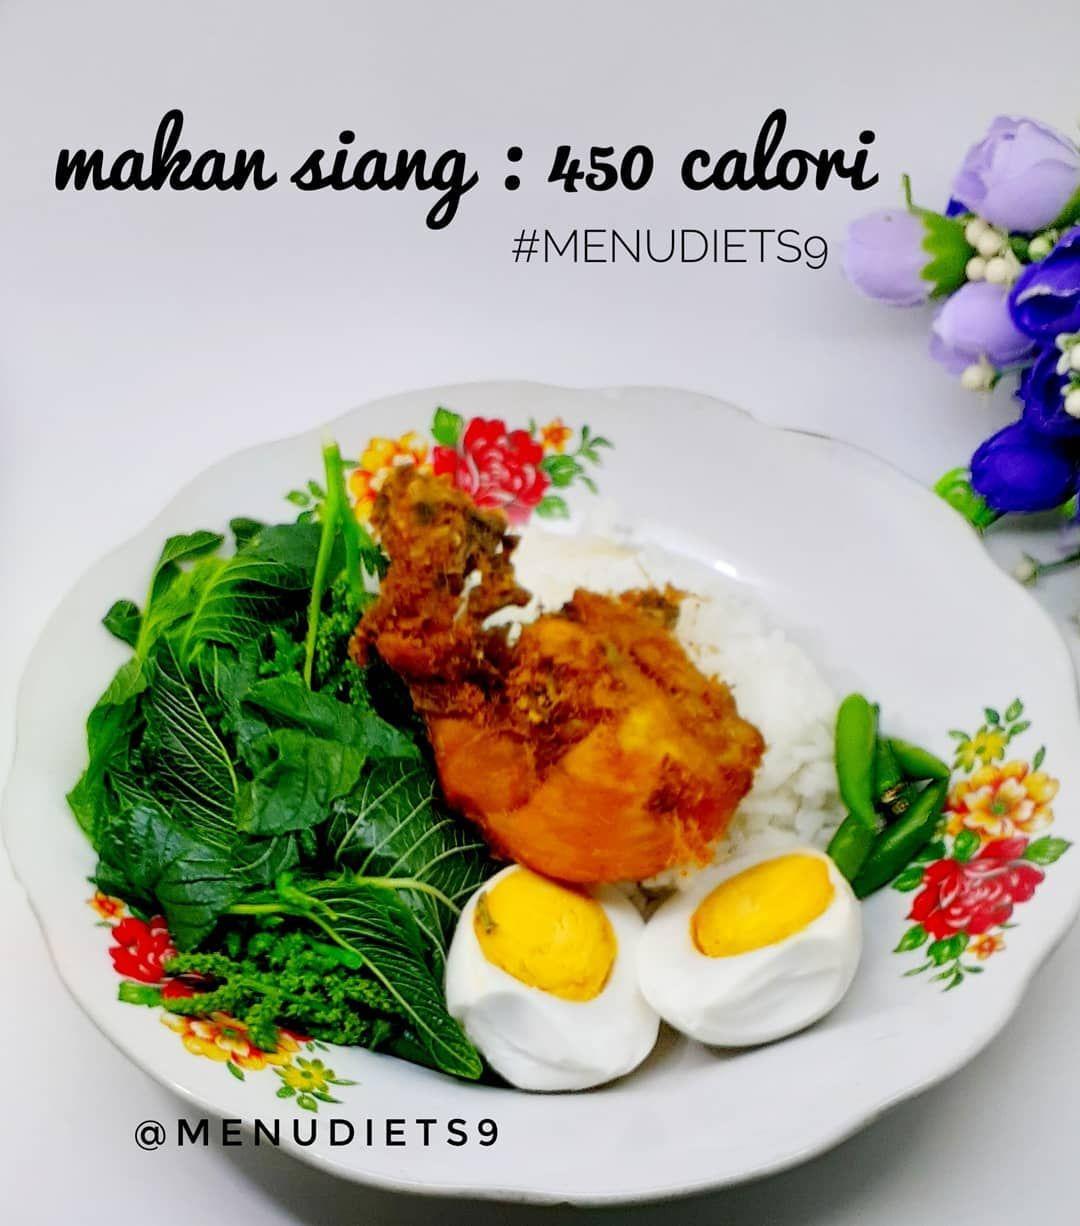 Menu Diet Sehat Di Instagram Assalaamualaikum Hallo Semuanya Makan Siang Ku Adalah Ayam Goreng Yang Di Bumbu Laos Ala Ala Hy Baput Hims Food Diet Breakfast